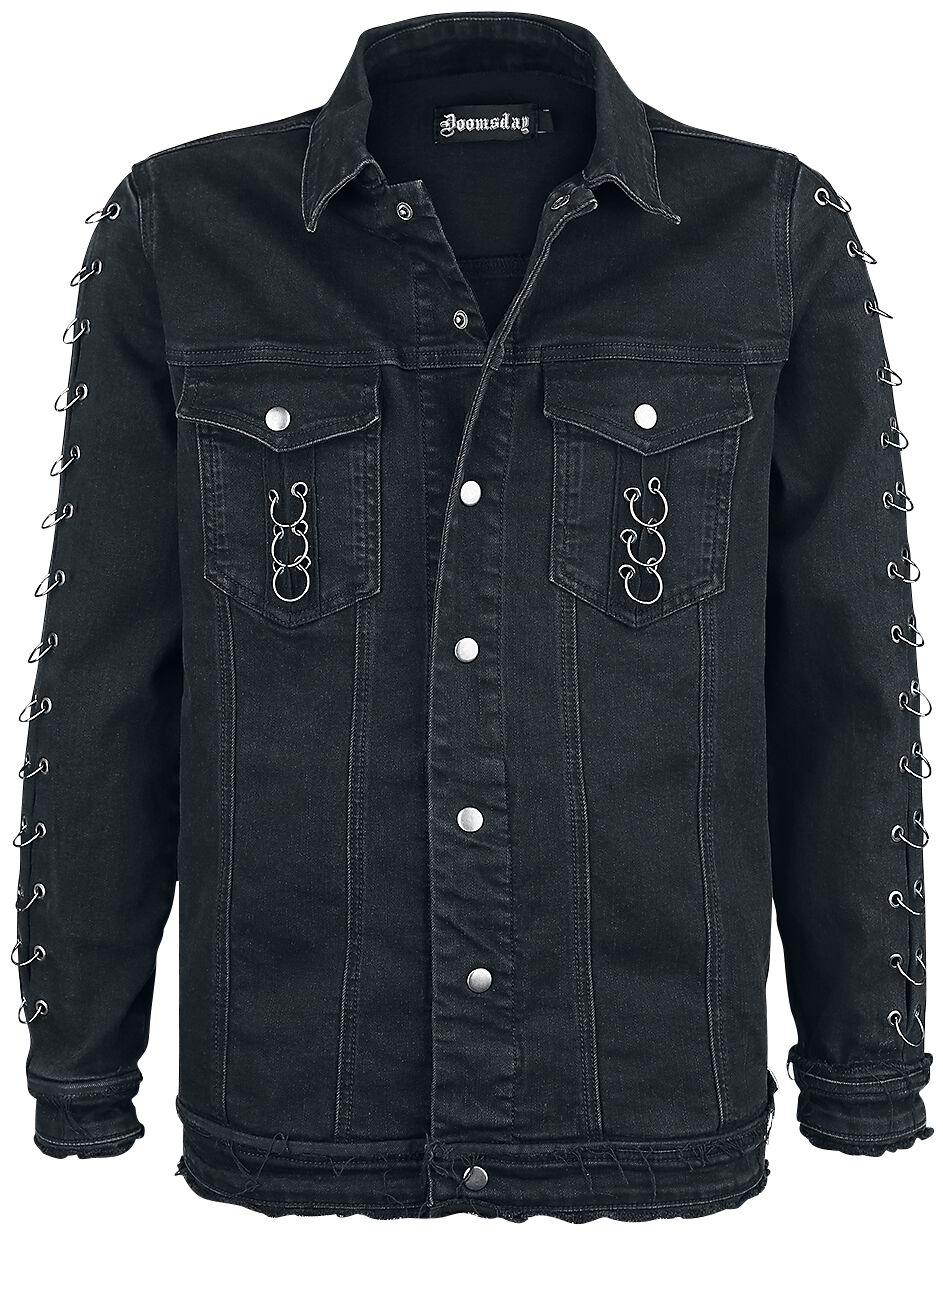 Image of   Doomsday Ringer Jacket Jeans jakke sort